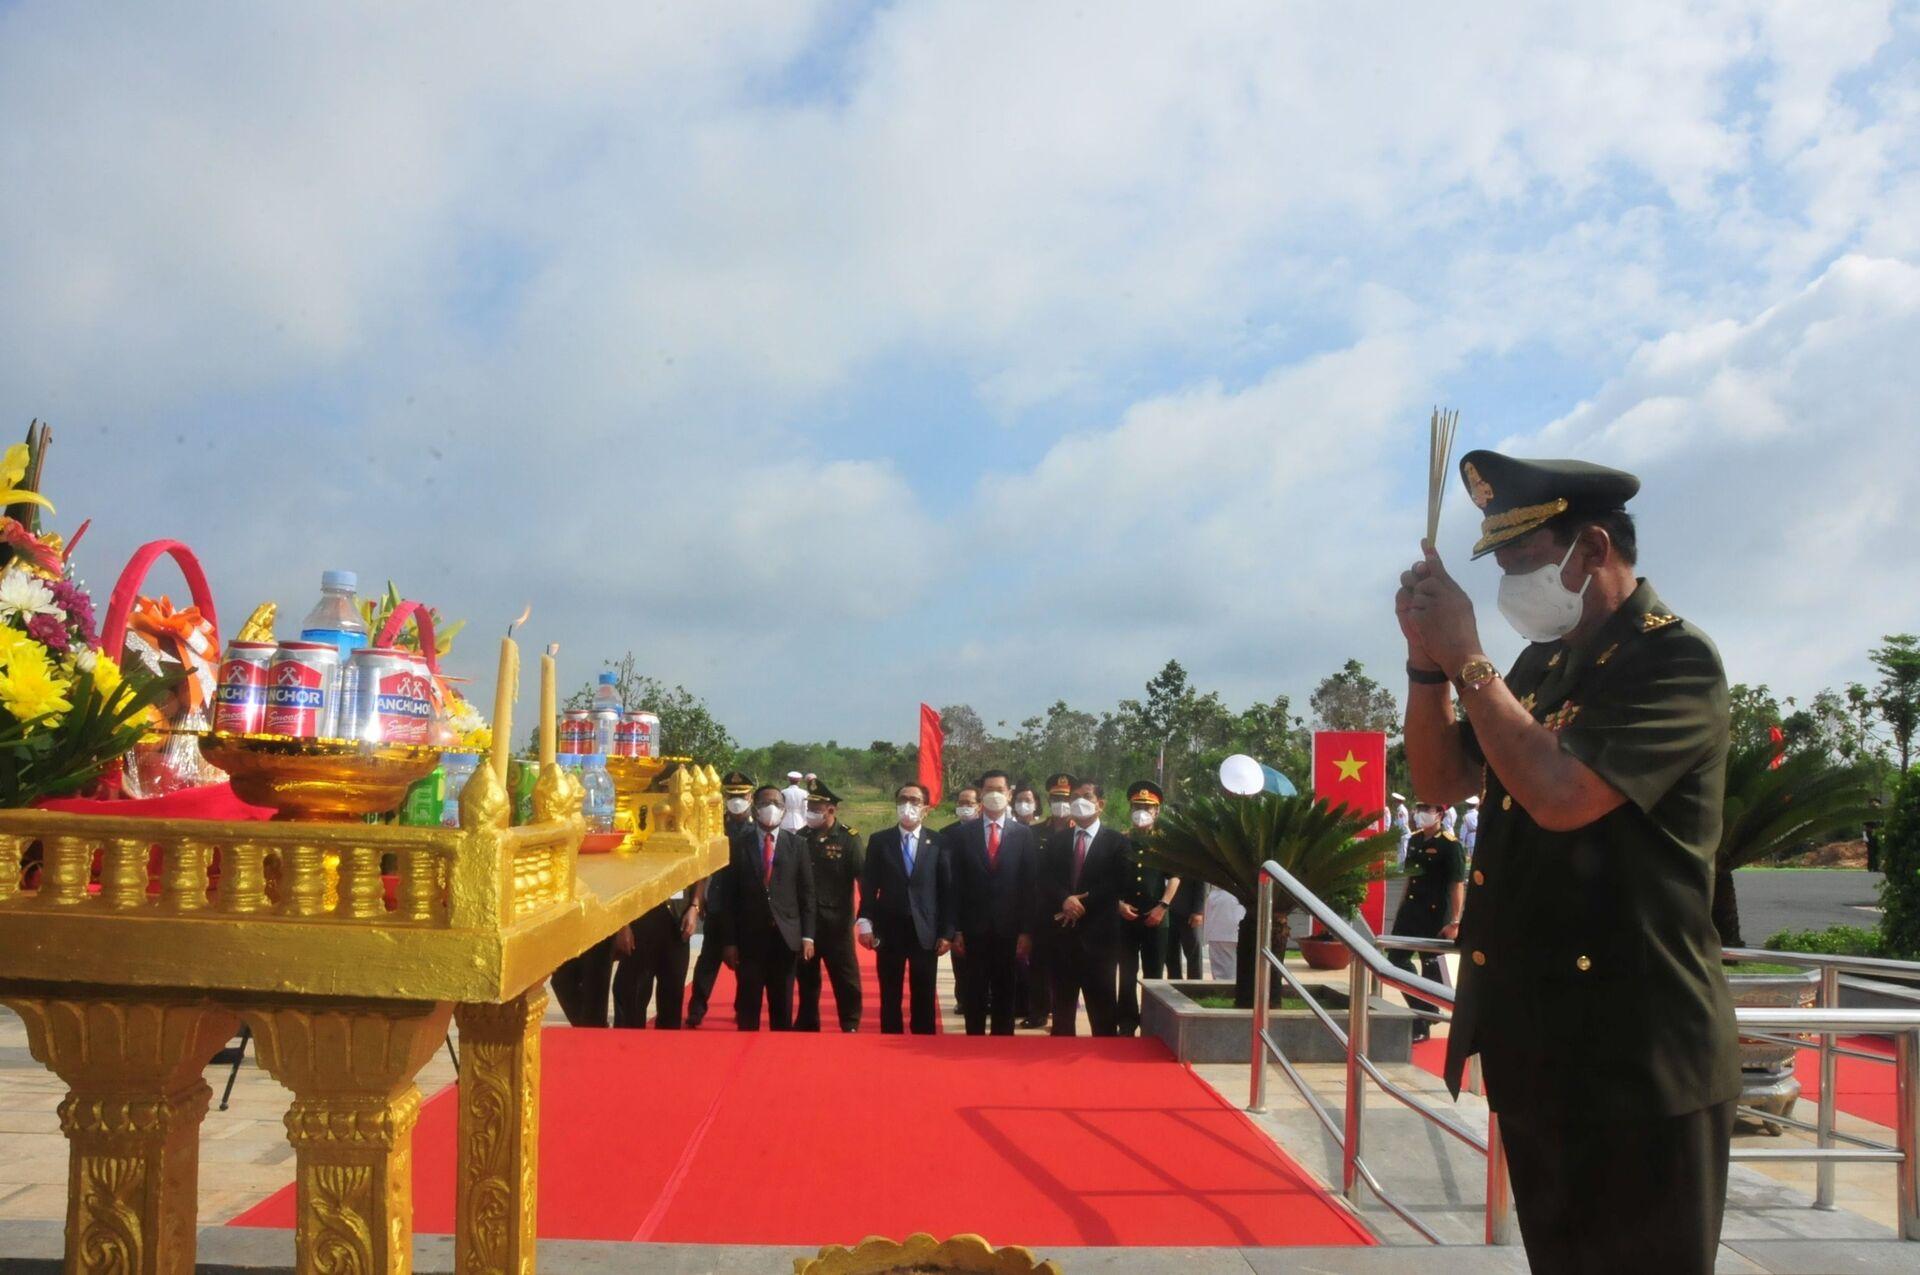 Bình Phước: Khánh thành công trình lưu niệm hành trình cứu nước của ông Hun Sen - Sputnik Việt Nam, 1920, 20.06.2021